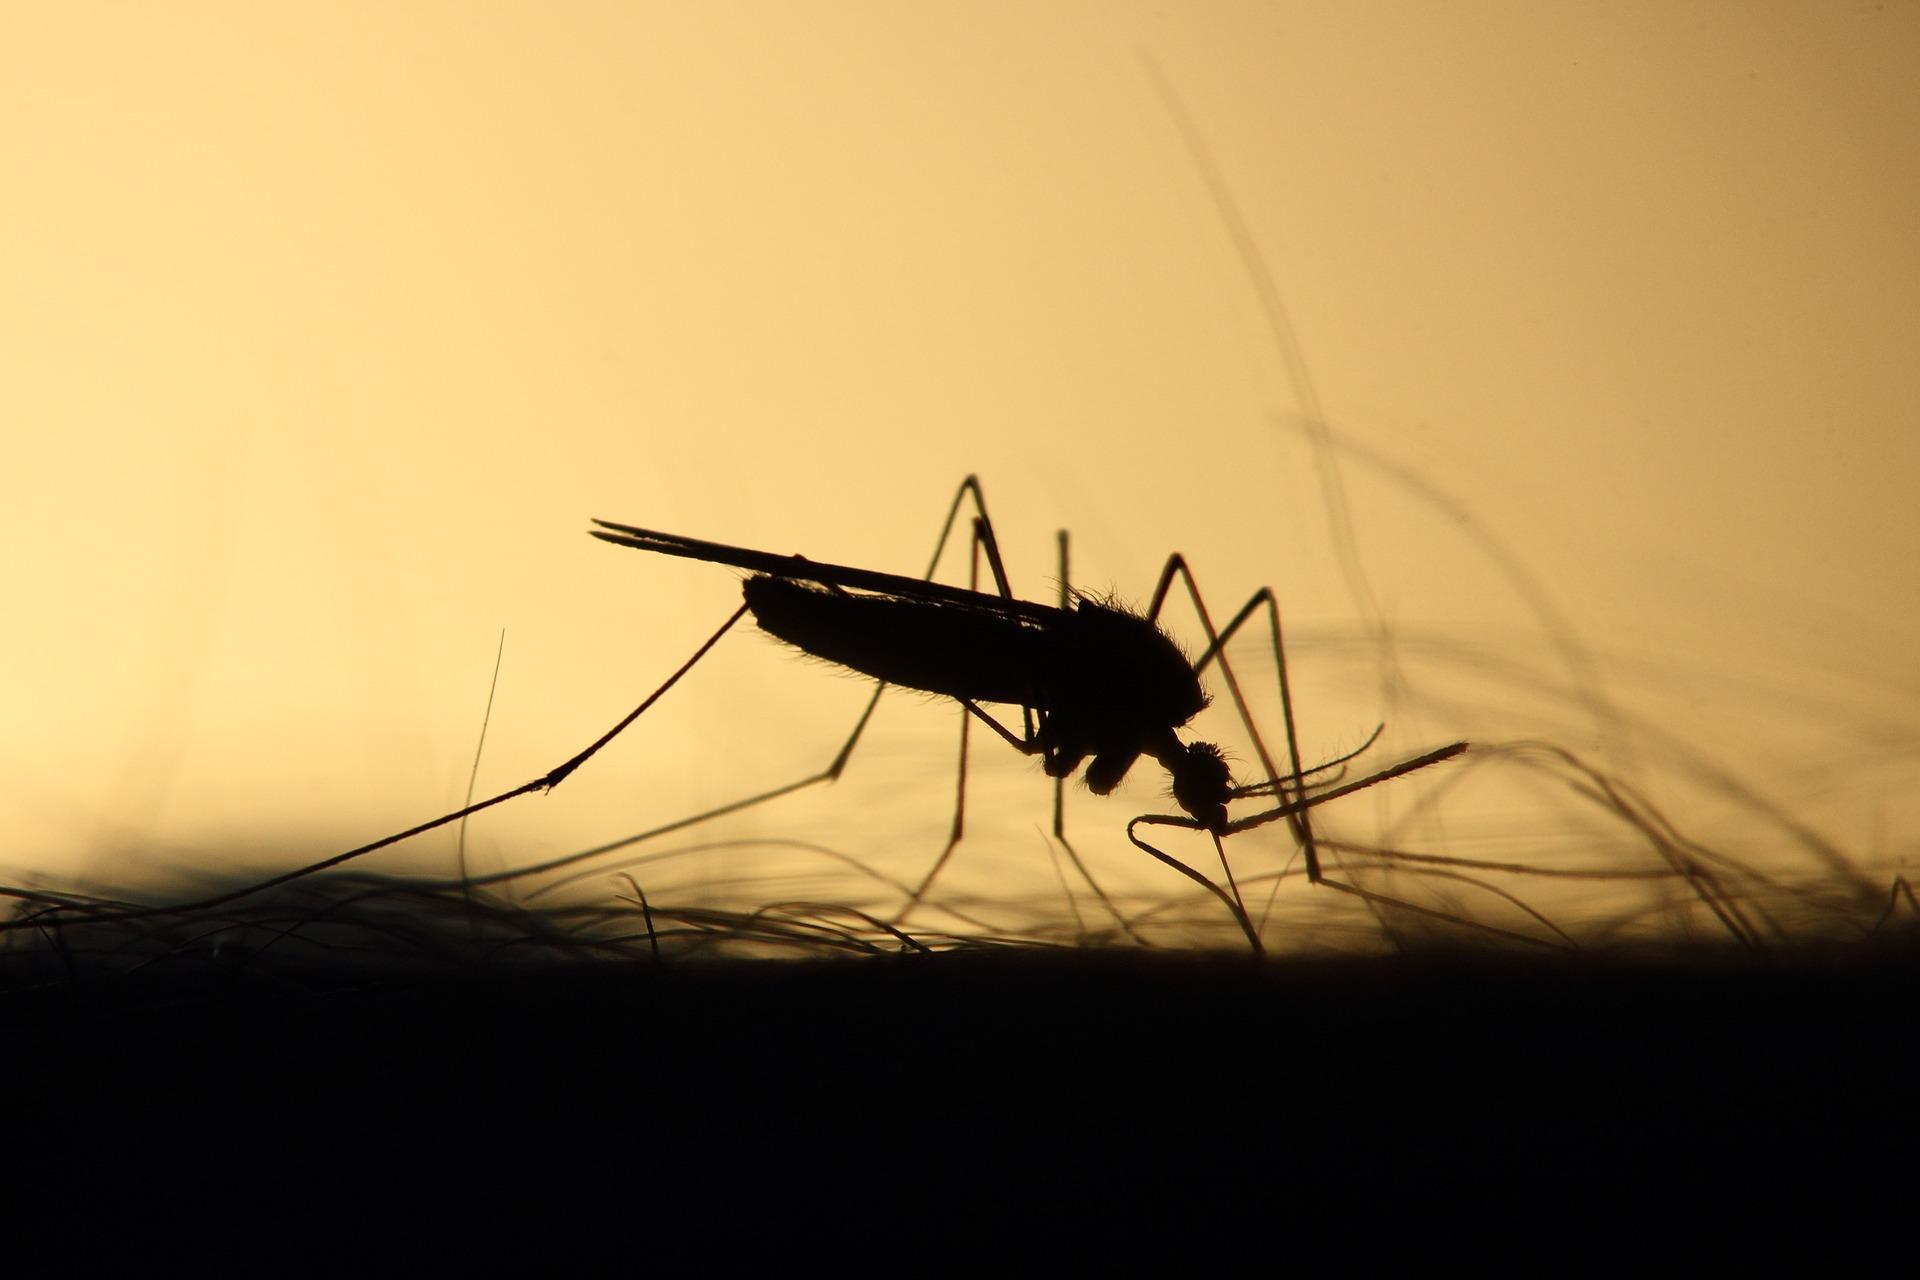 mosquito-3860900_1920.jpg